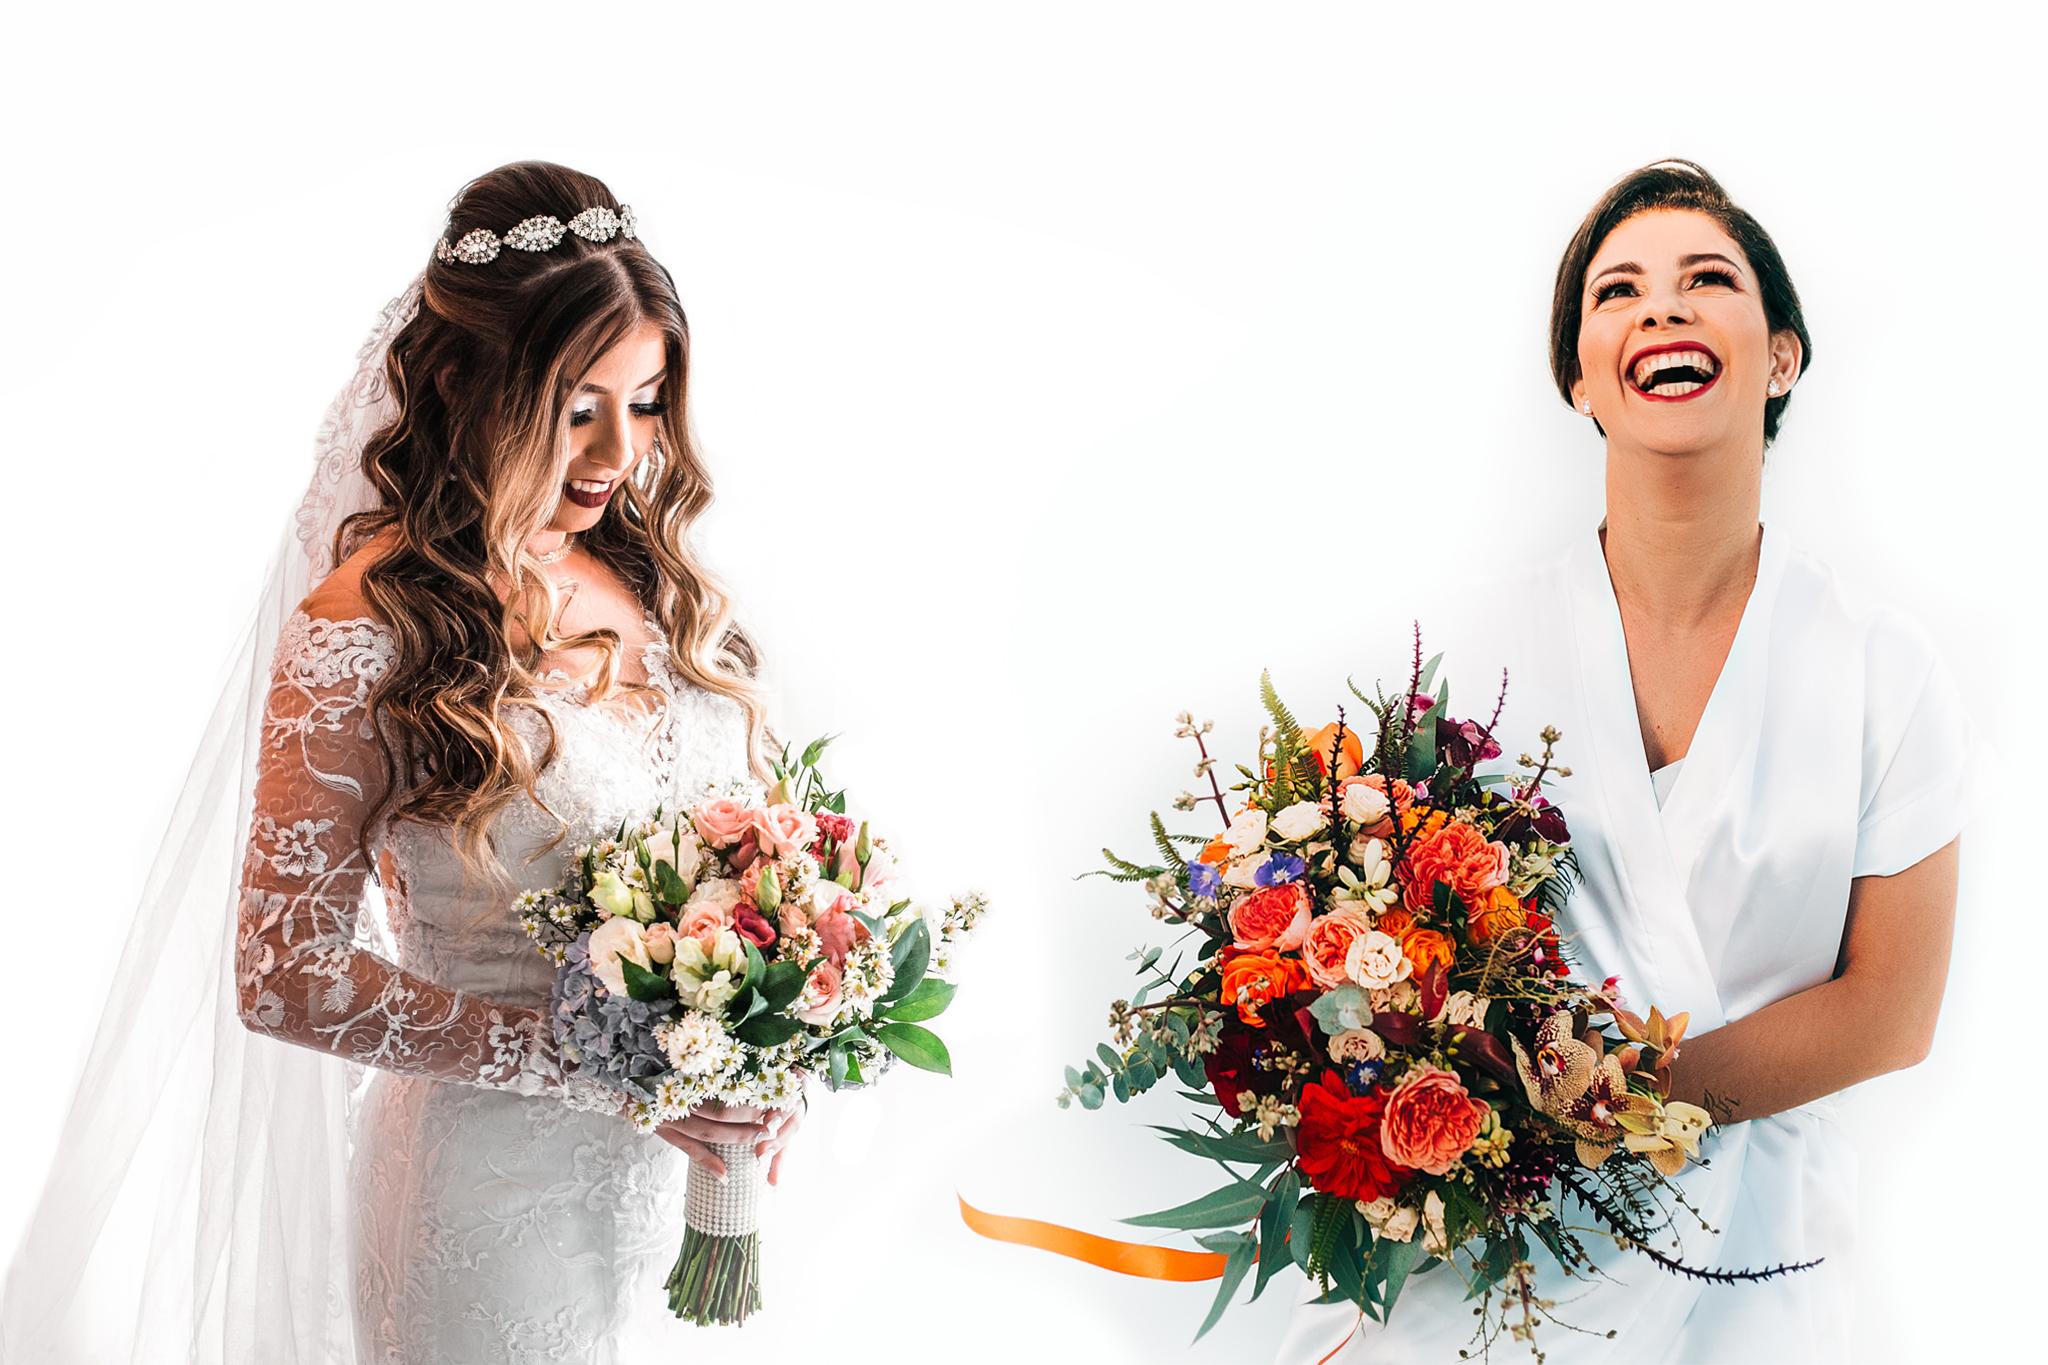 Contate Fotos de Casamento - Dois Focus  | Fotografia Rio de Janeiro | RJ